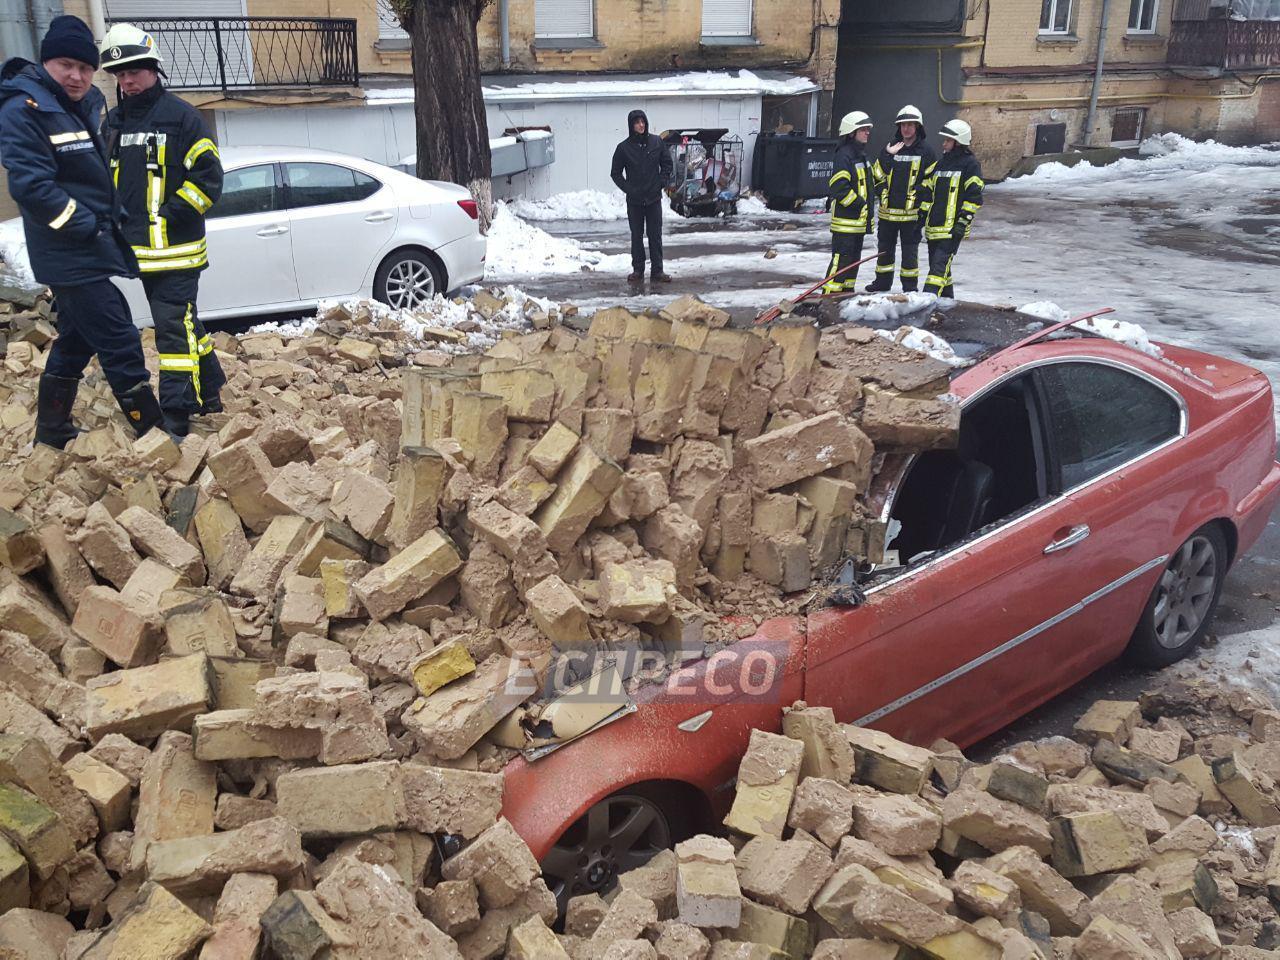 ВКиеве обвалилась стена, повреждены два автомобиля игазопровод